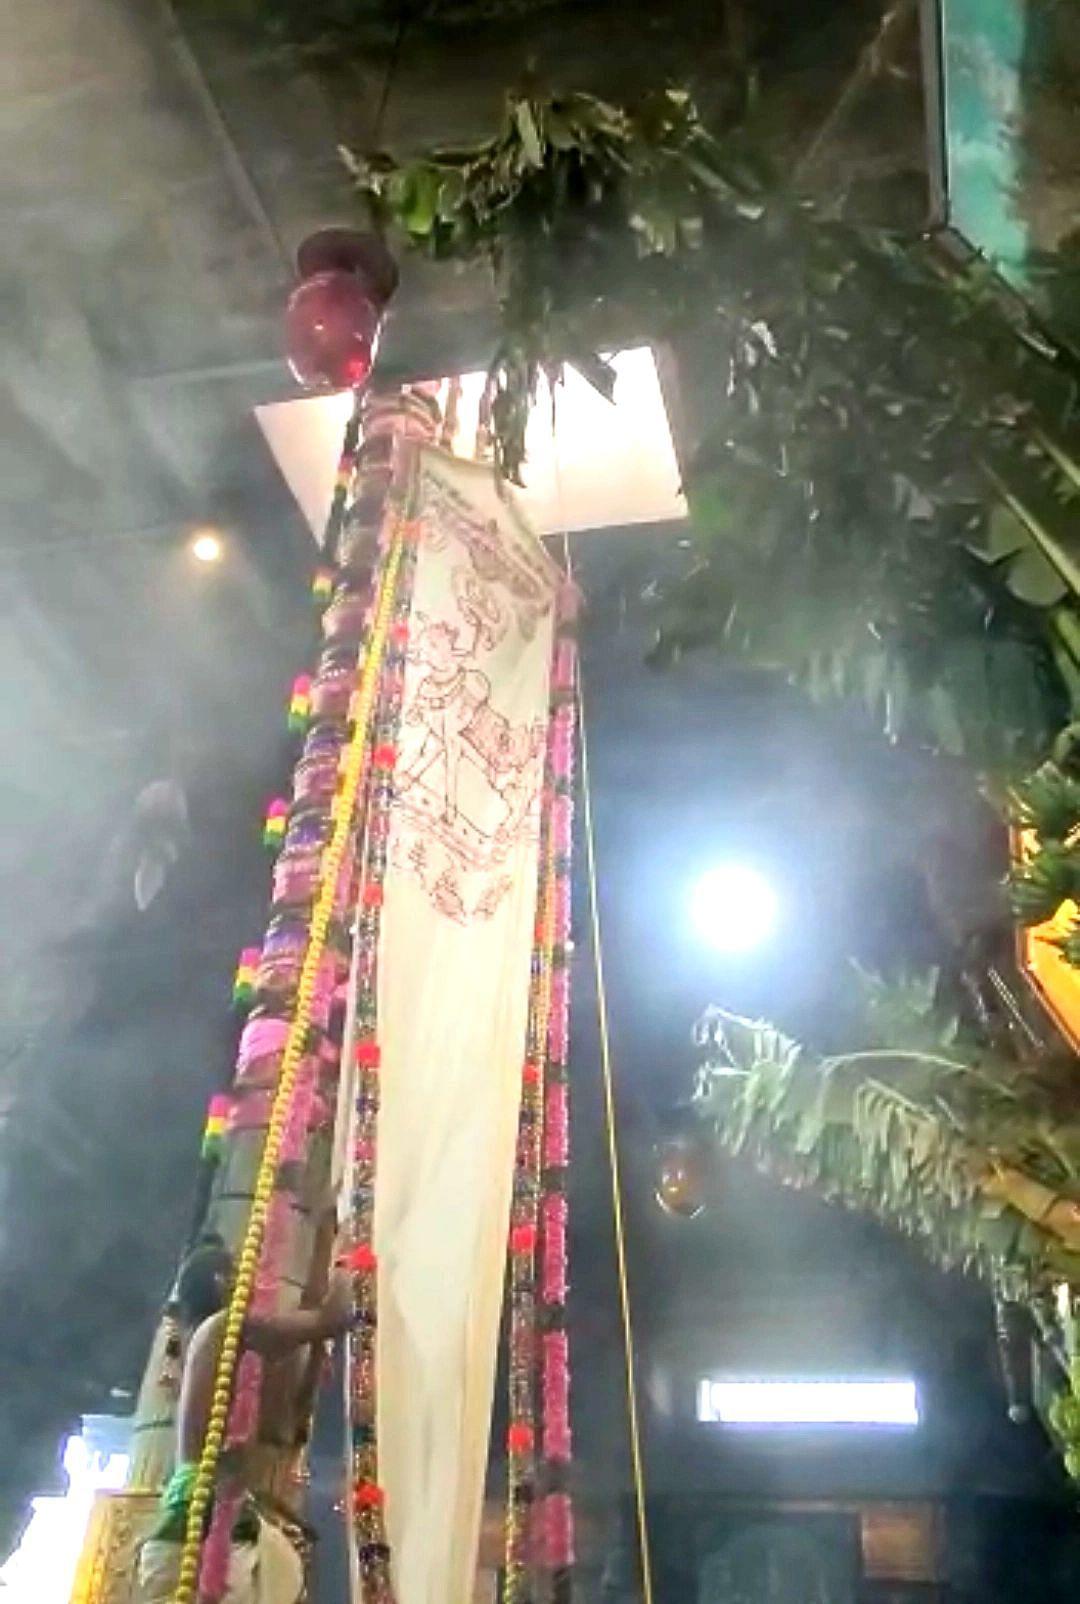 சிதம்பரம் நடராஜர் கோயில் ஆனித் திருமஞ்சன திருவிழா கொடியேற்றம்